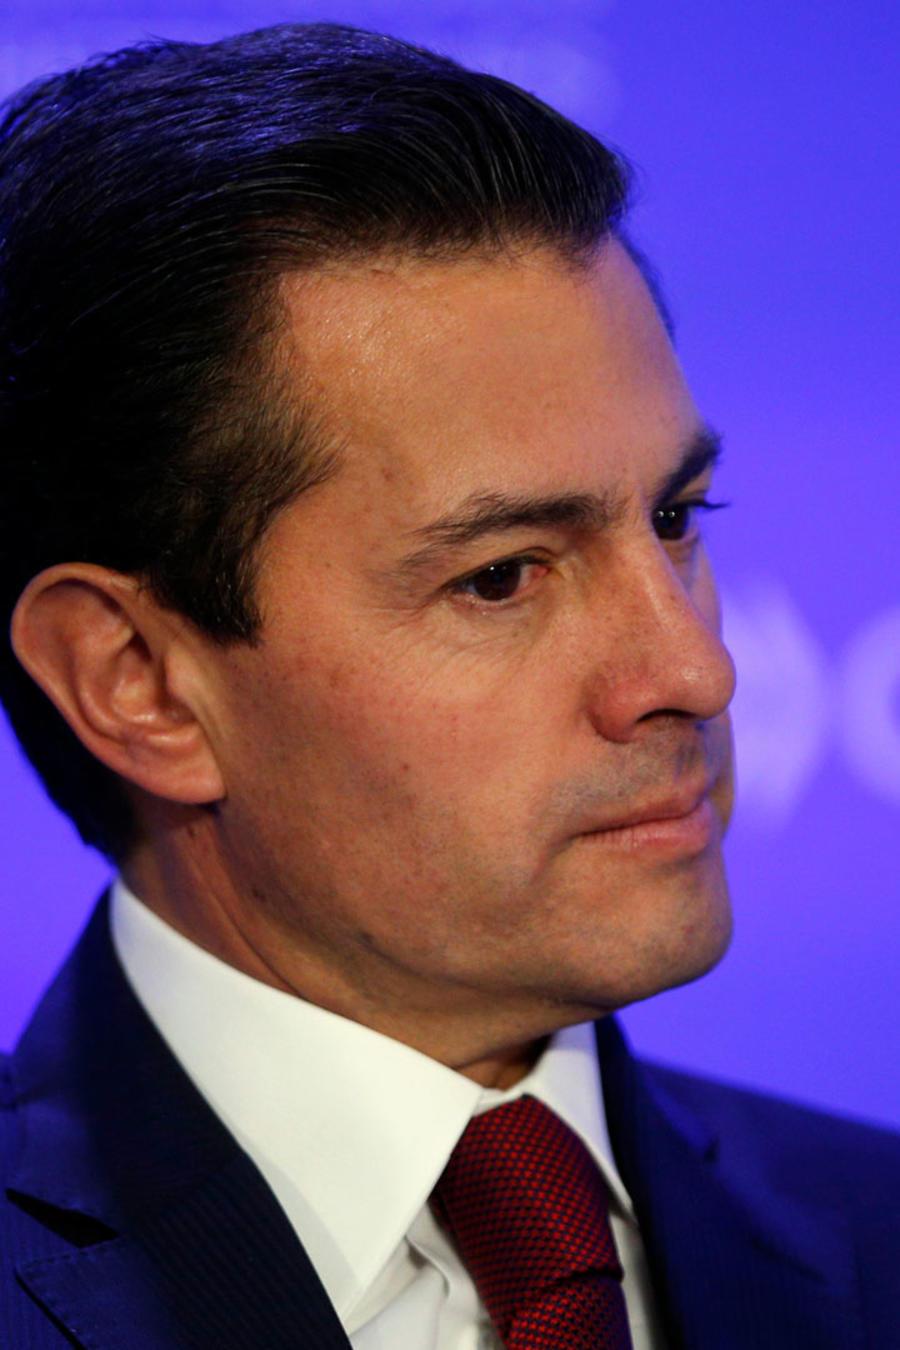 El presidente de México, Enrique Peña Nieto, en su discurso en la OCDE en París